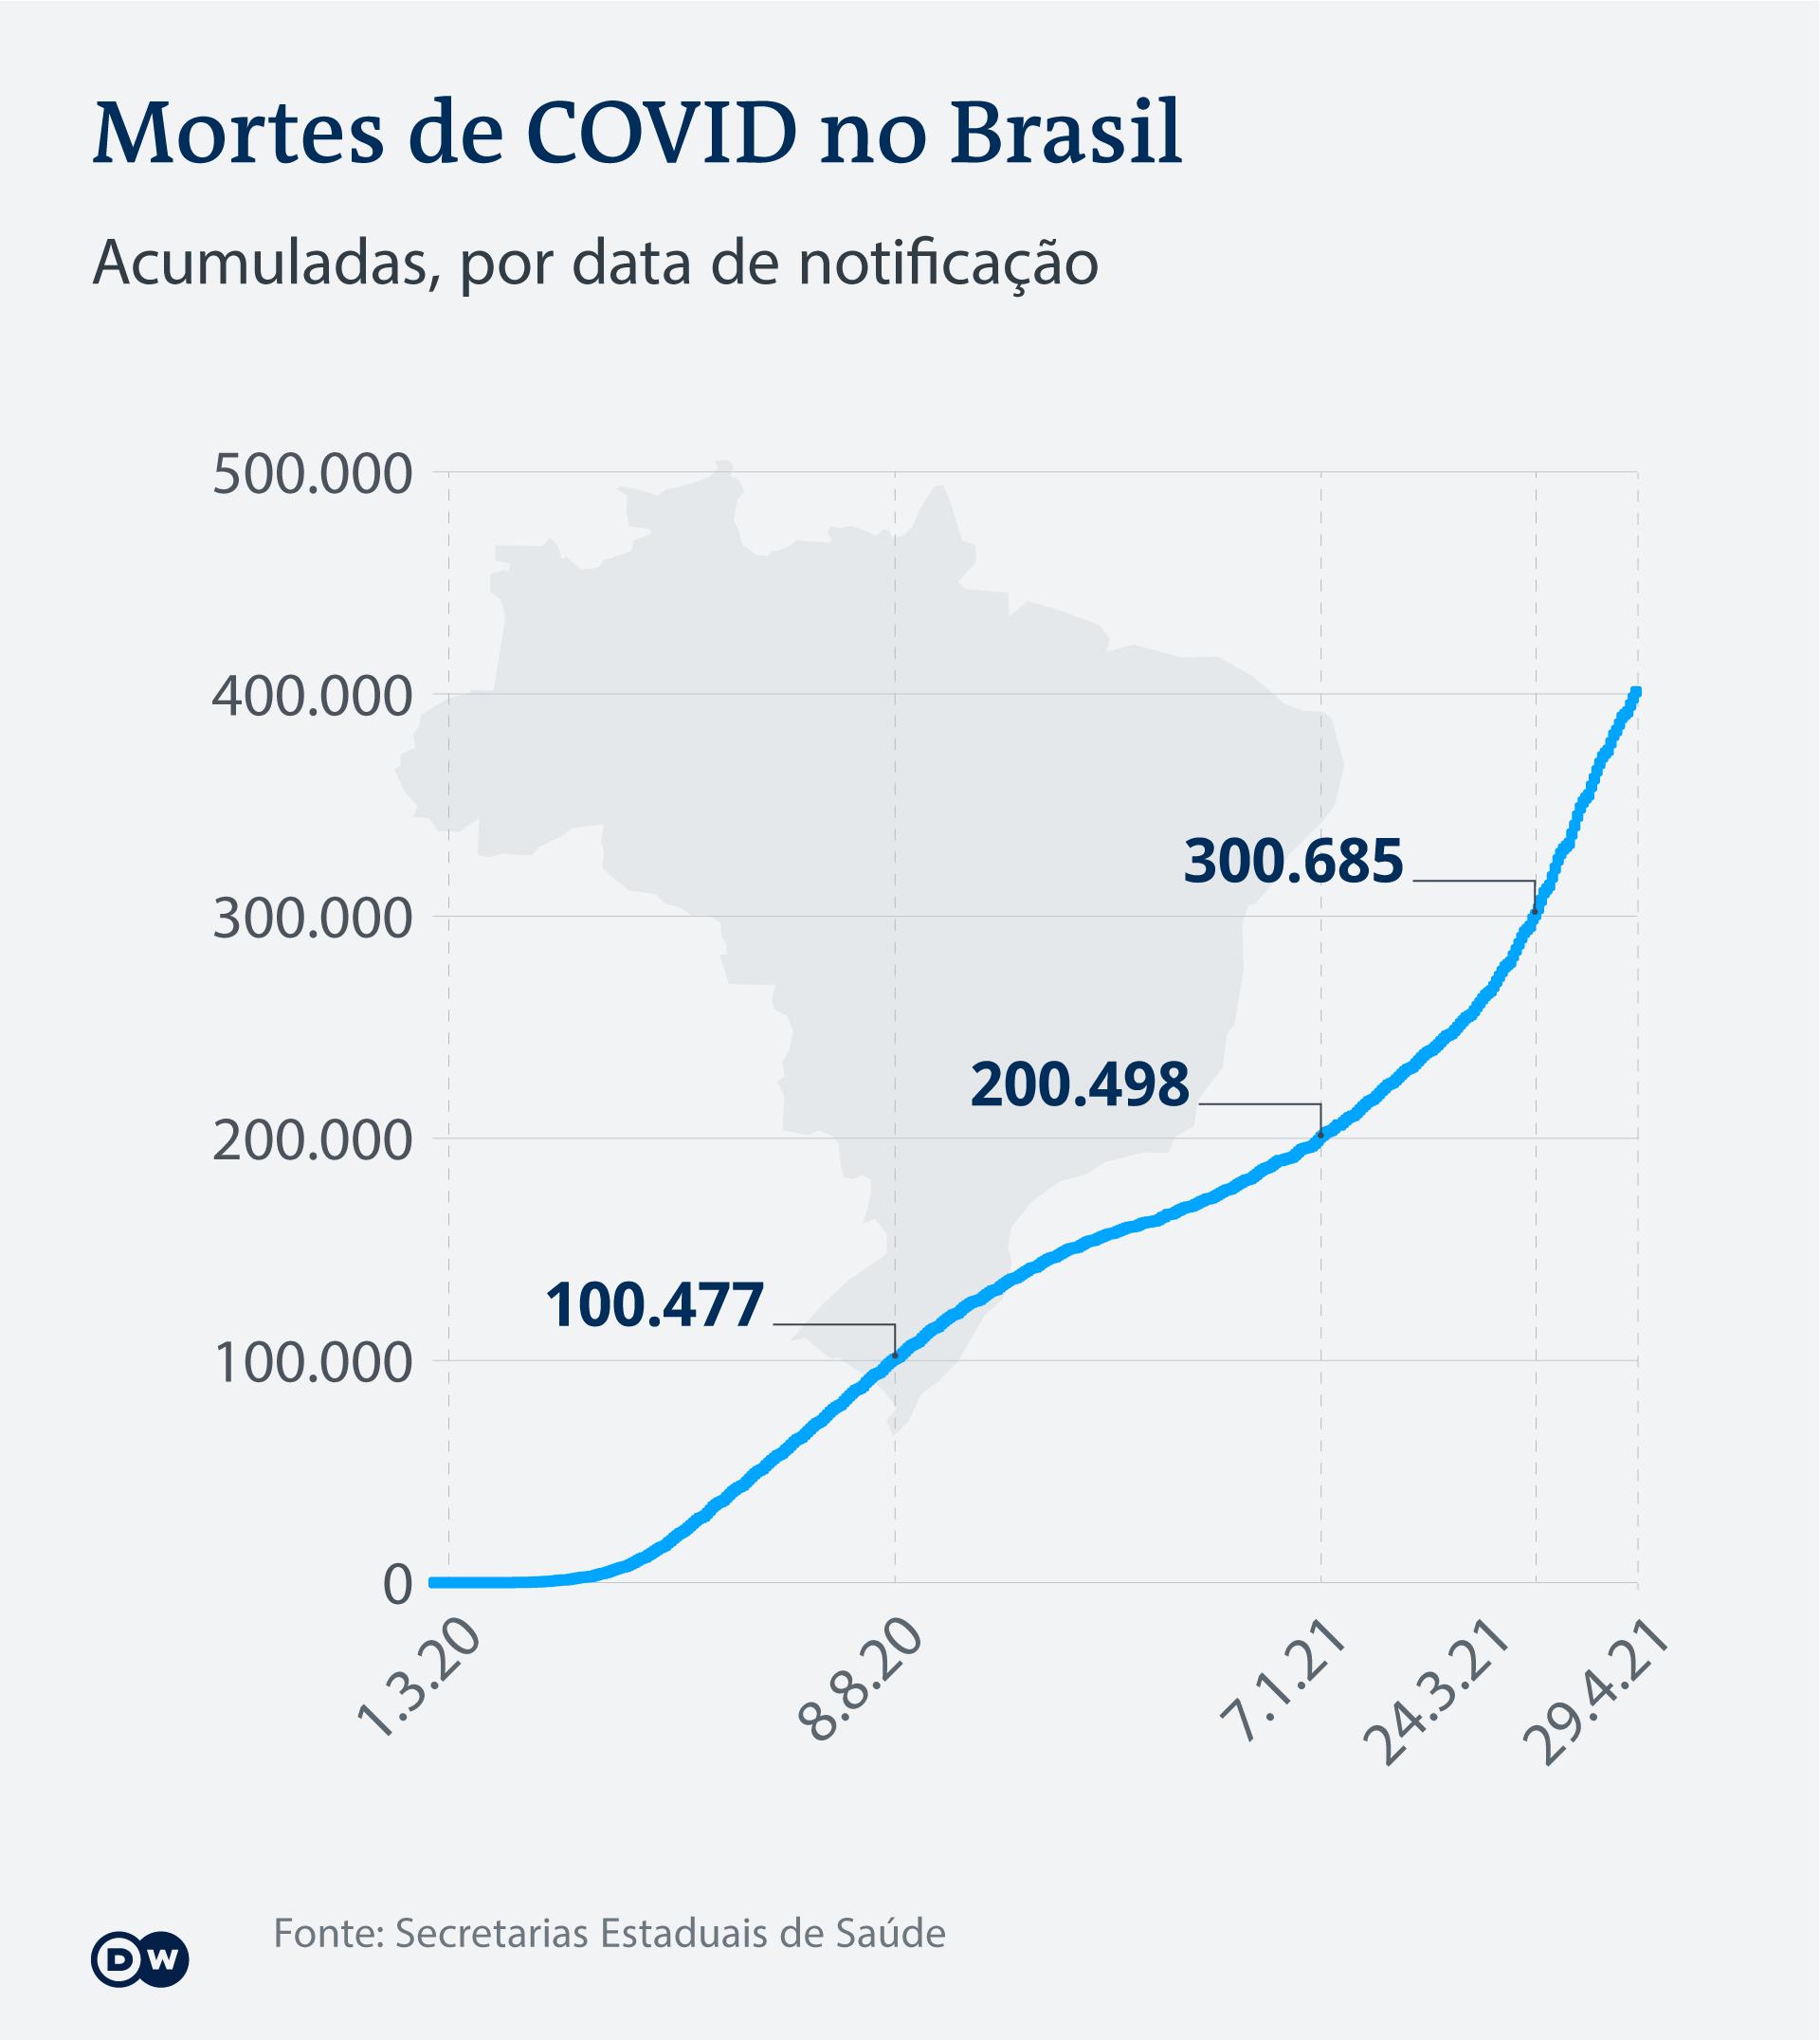 Gráfico com a evolução de mortes por covid no Brasil